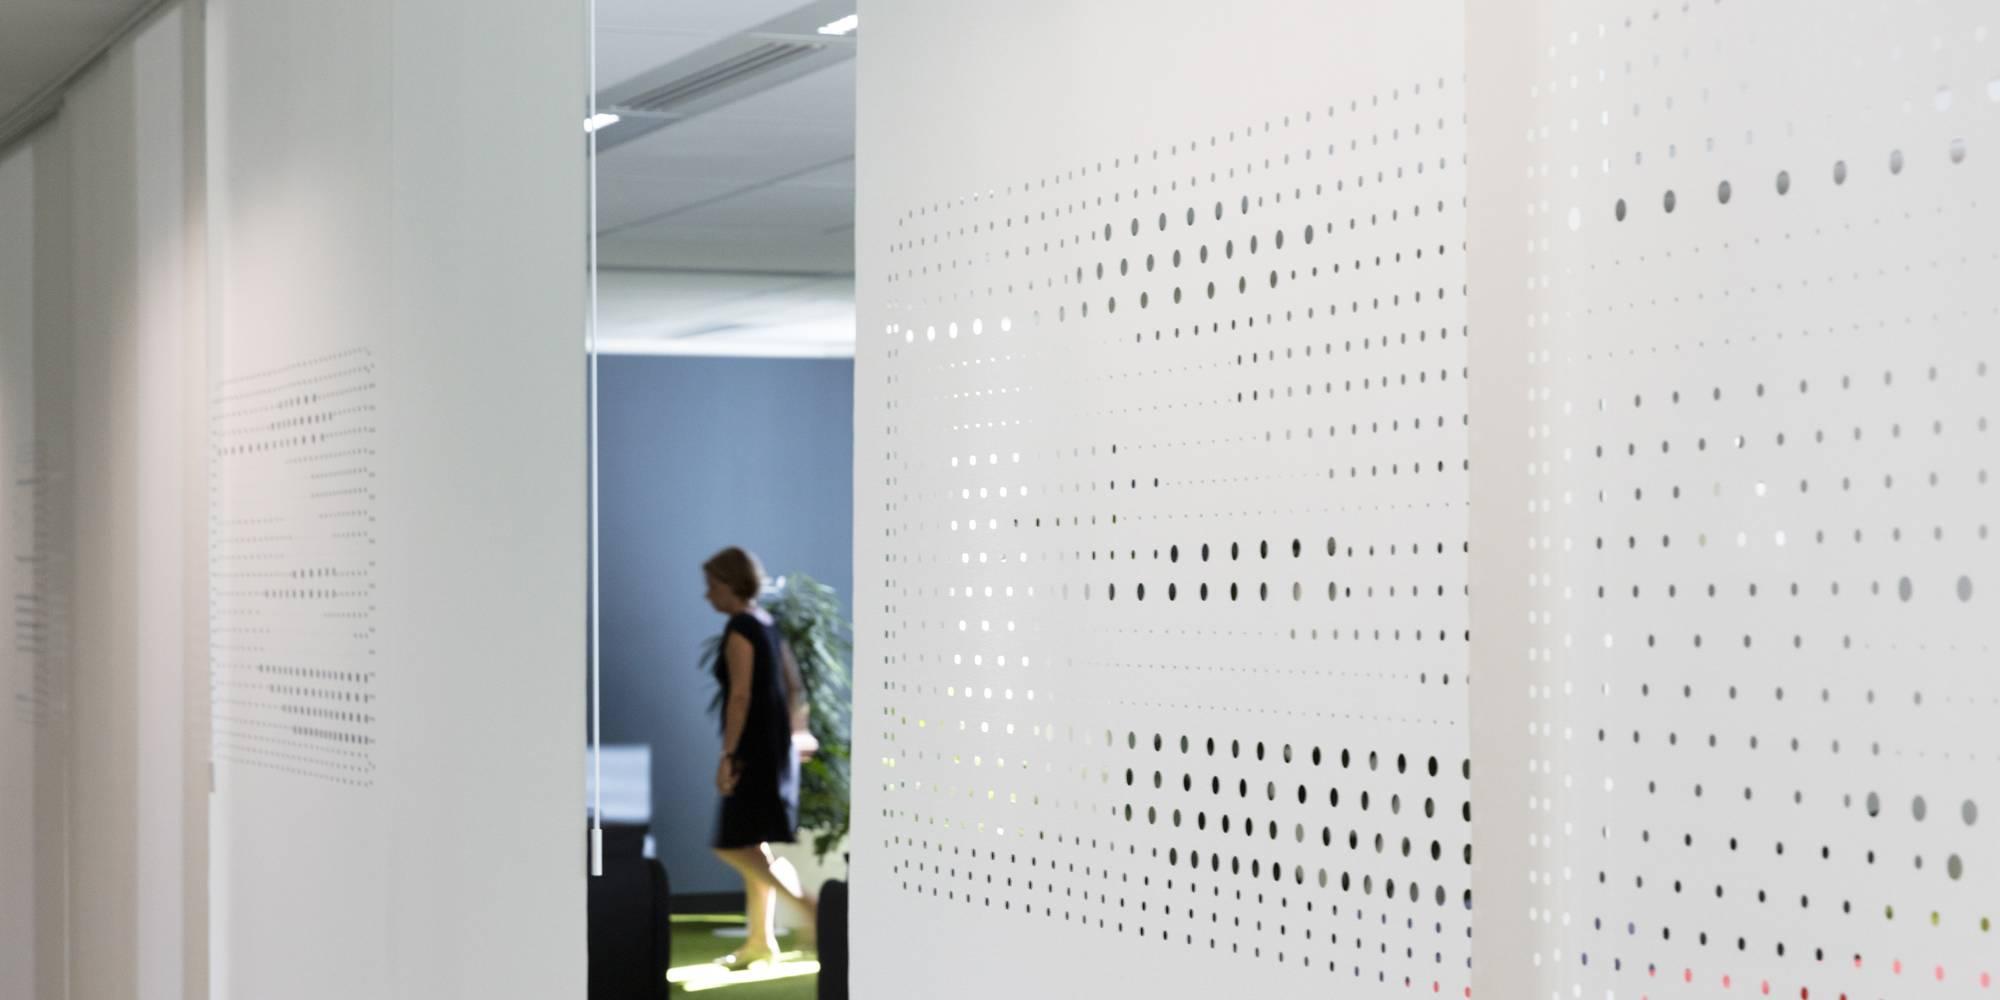 Dessin exclusif sur panneaux coulissants en séparation d'espaces